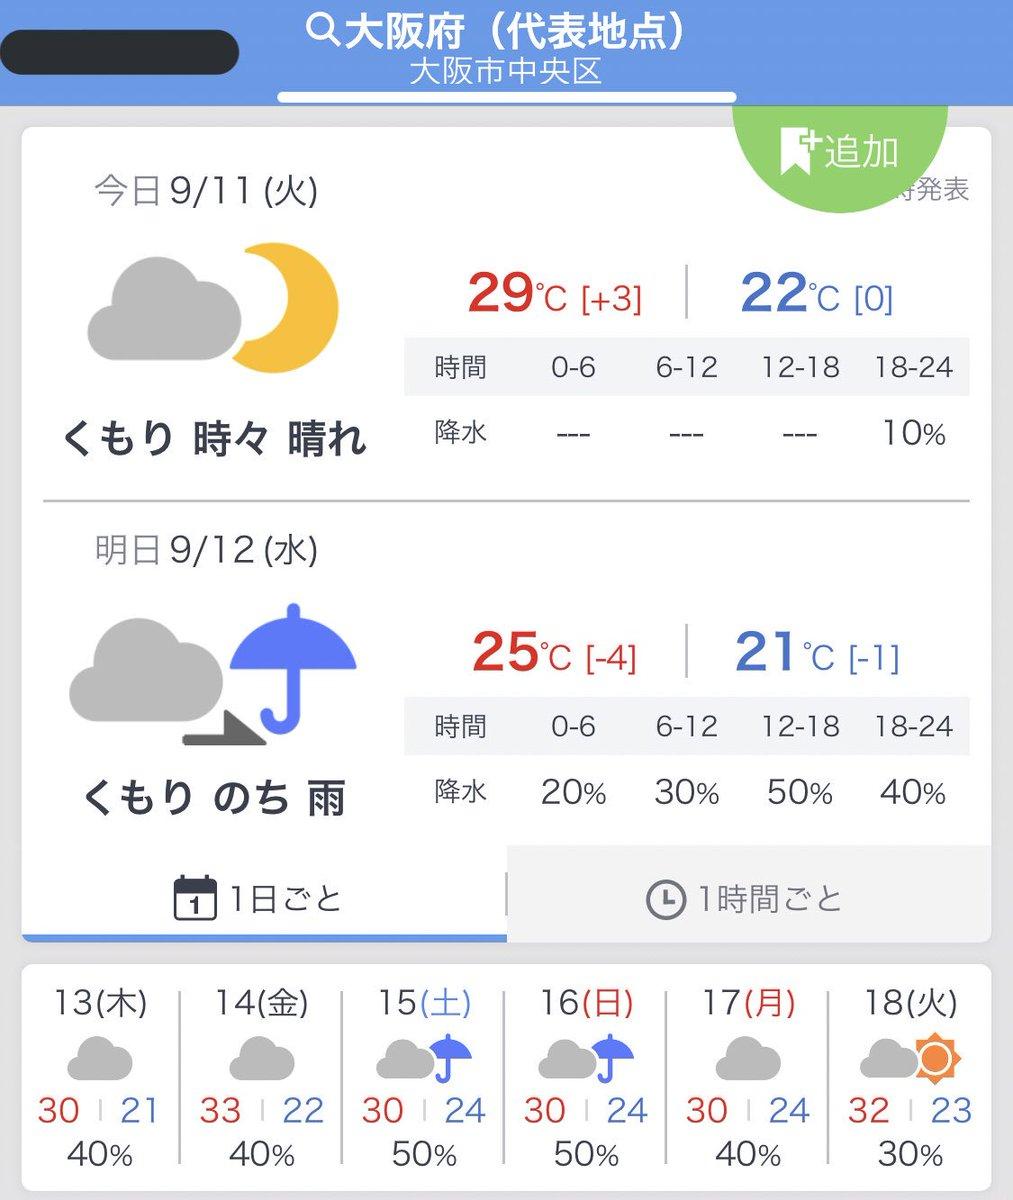 天気 予報 大阪 | 【一番當たる】大阪府岬町の1時間毎の天気